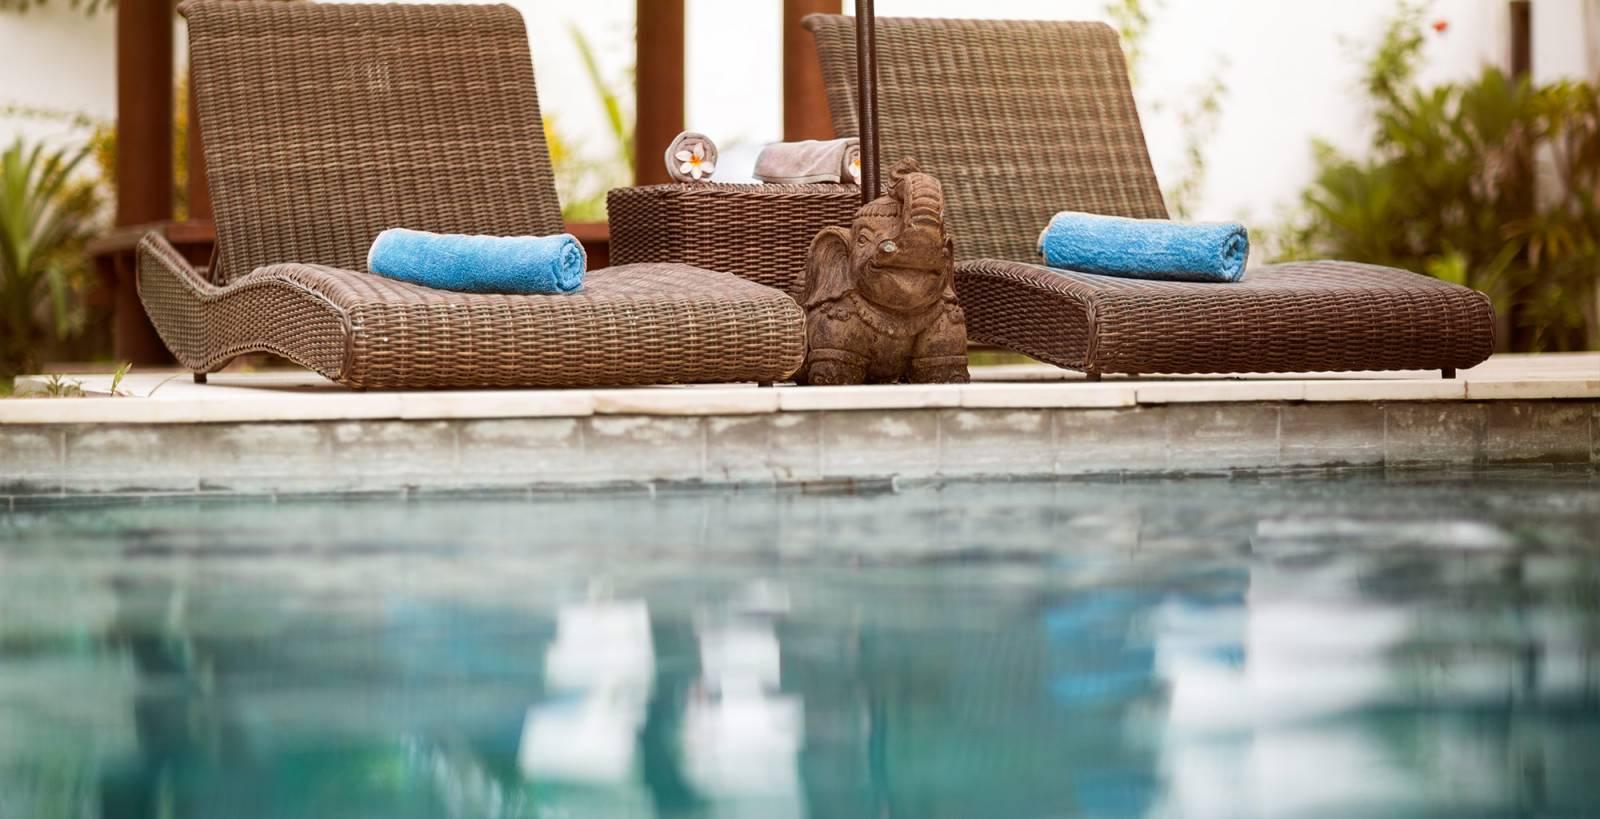 Constructeur de piscine pas cher sur bordeaux fm piscines for Constructeur de piscine